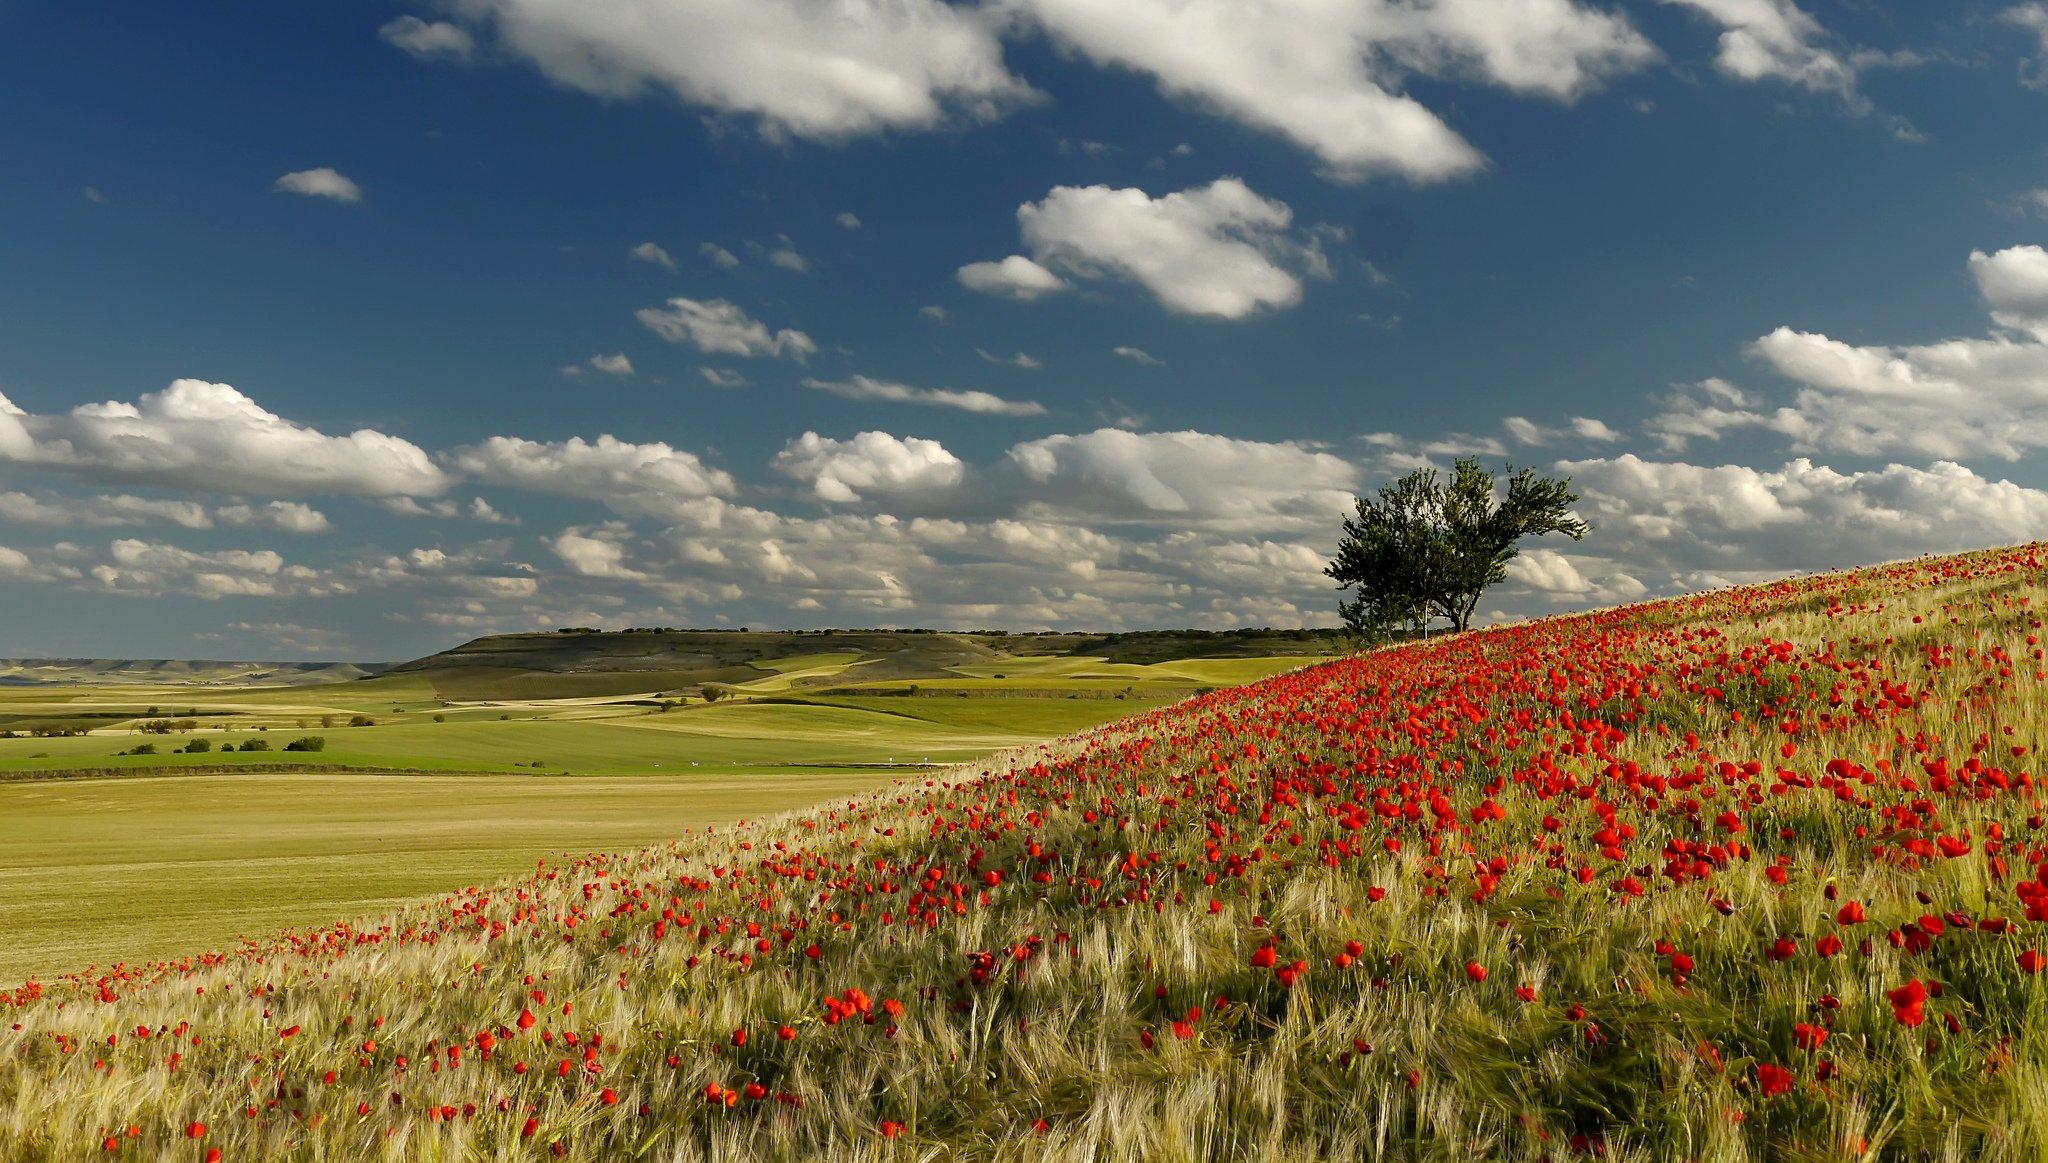 природа поле цветы облака деревья бесплатно